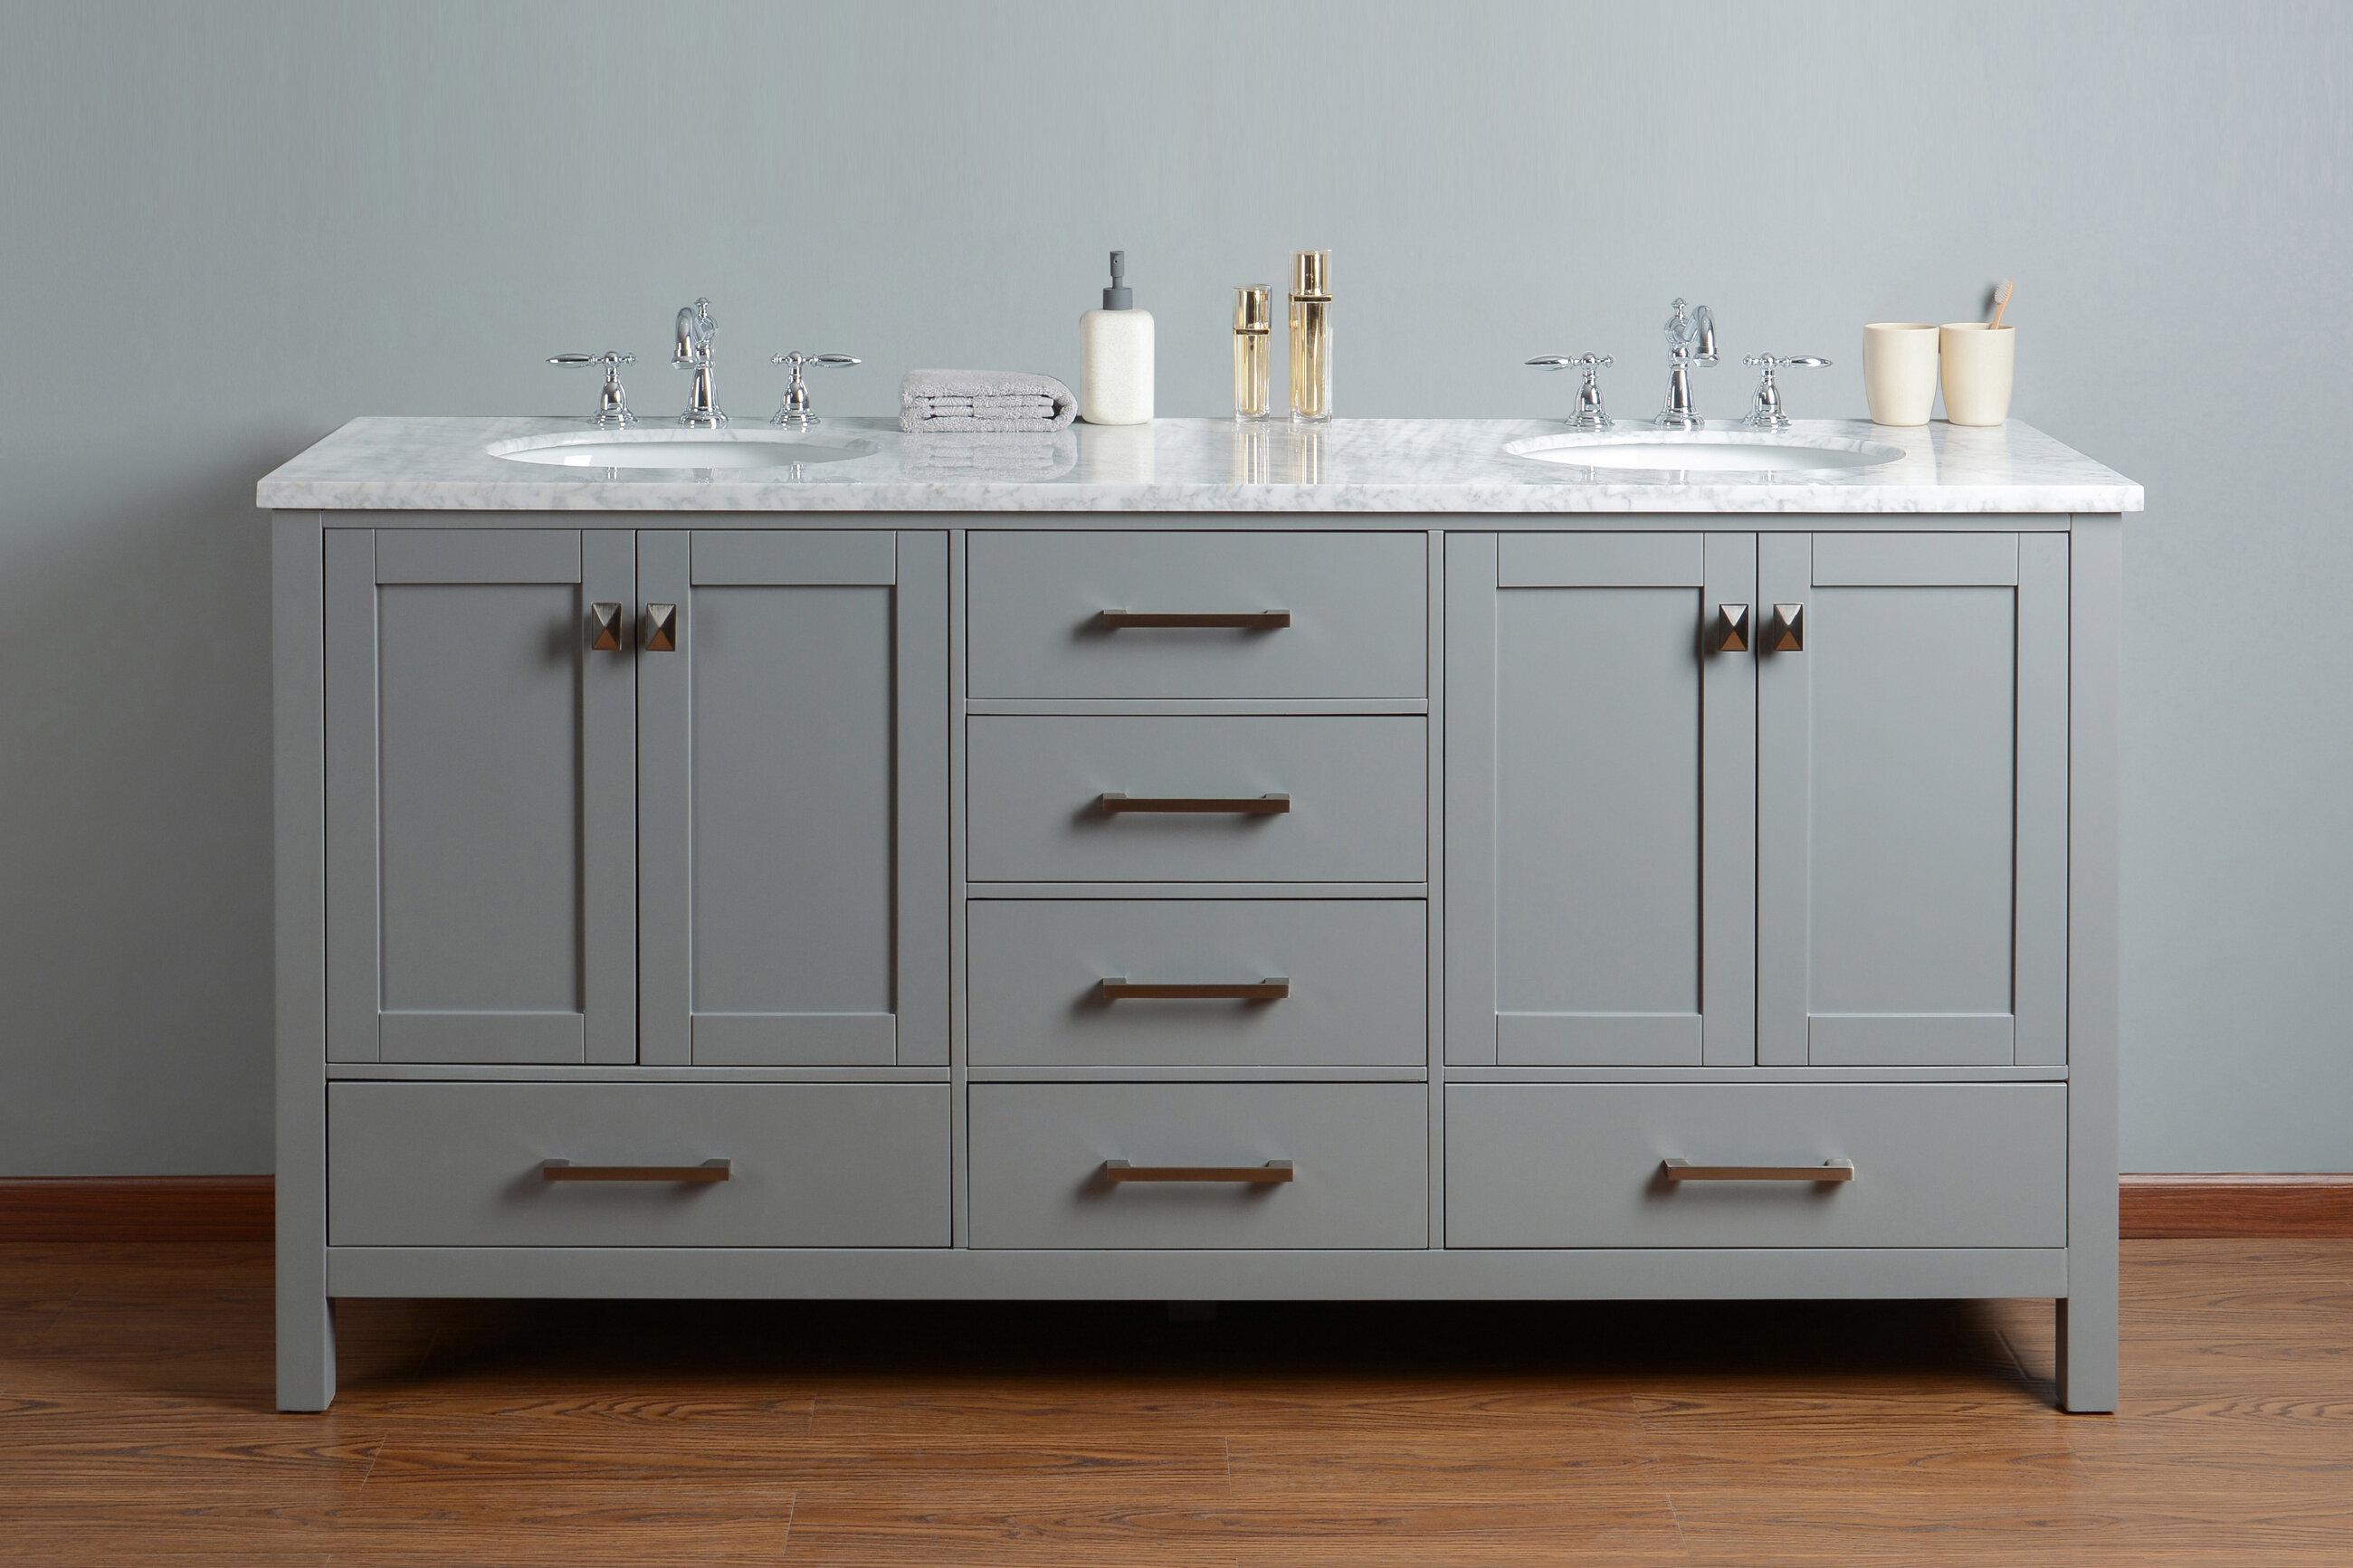 Brayden Studio Ankney 72 Double Sink Bathroom Vanity Set Reviews